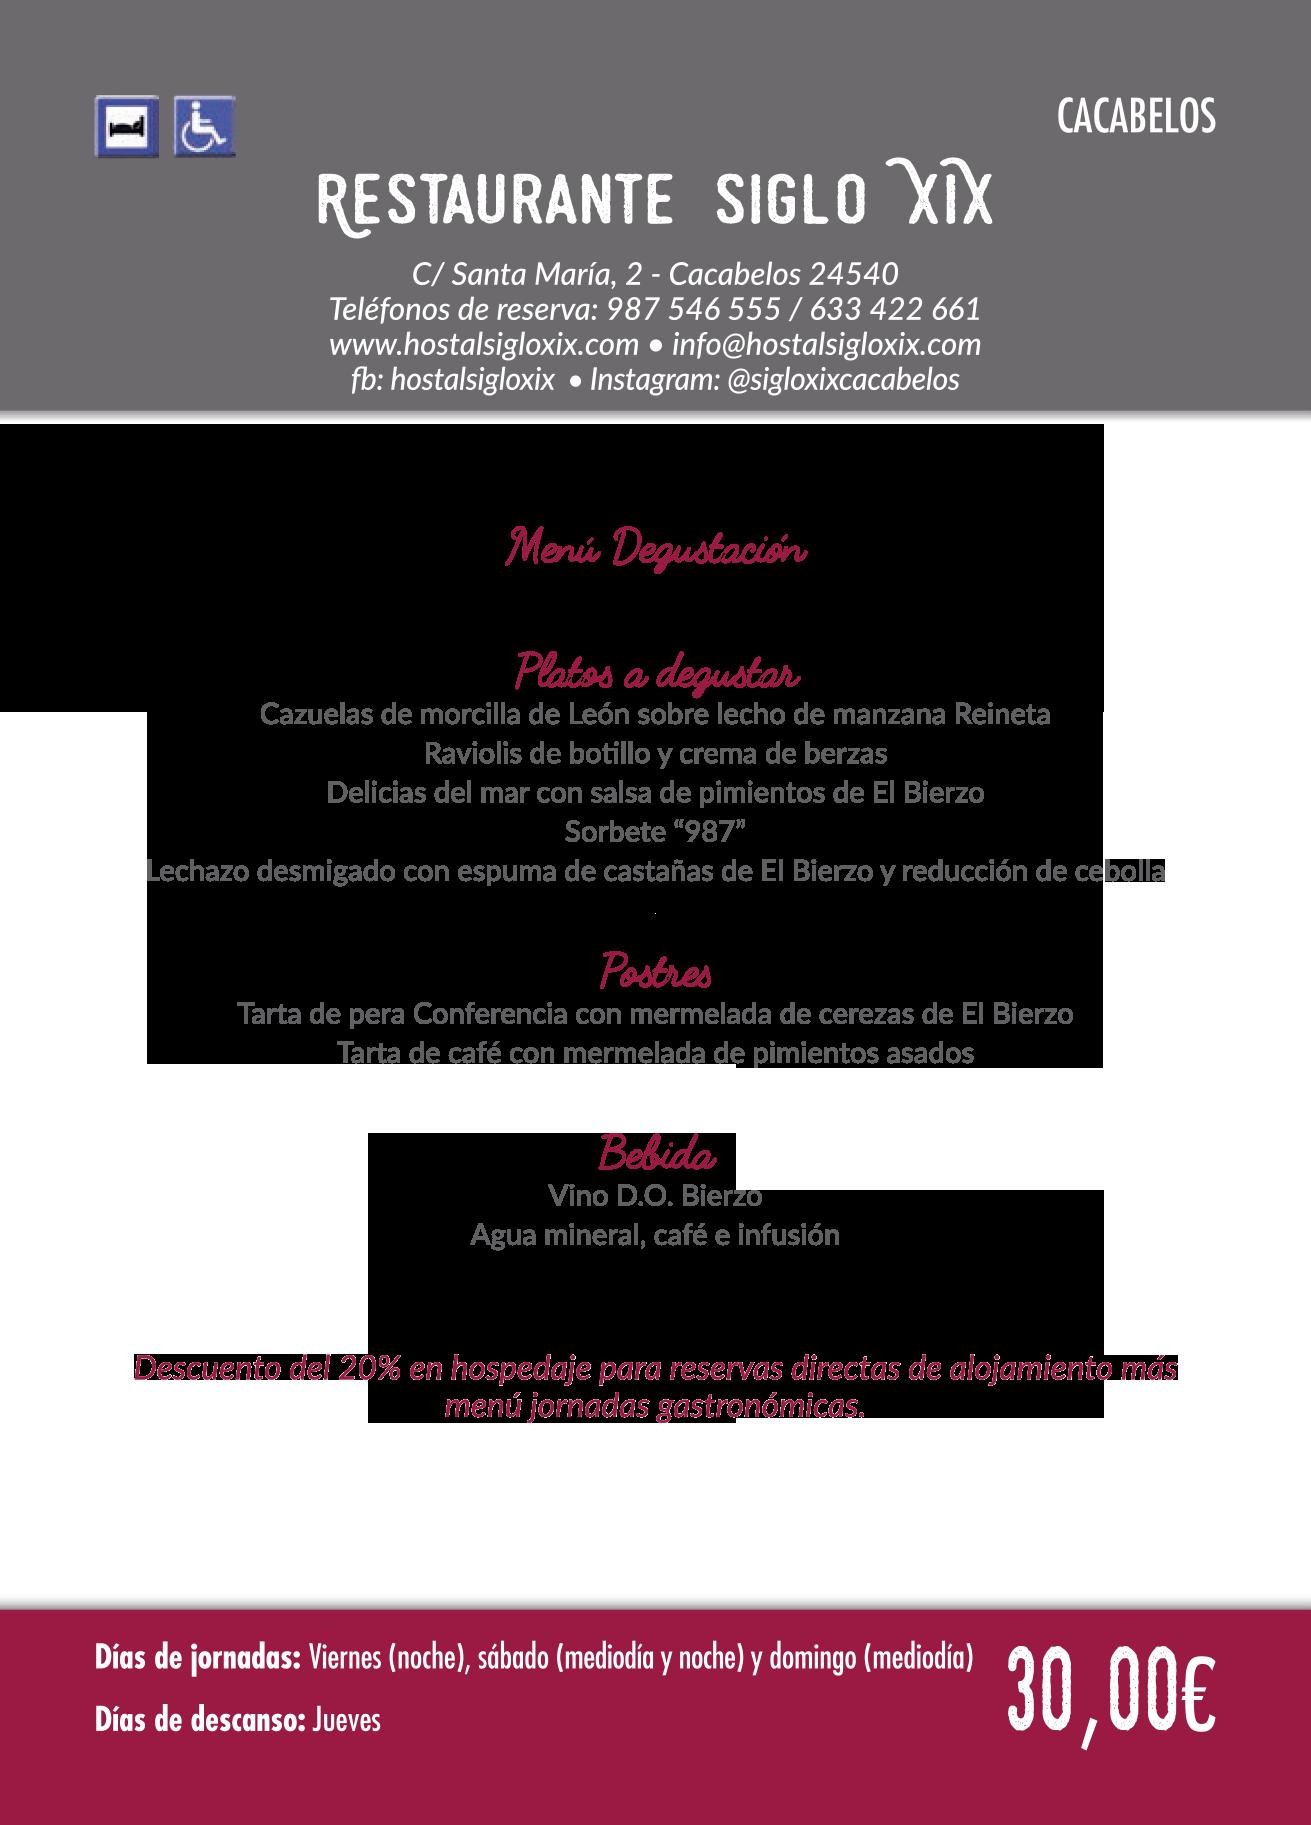 Las Jornadas Gastronómicas del Bierzo llegan a su 35 edición. Consulta los menús de esta edición 33